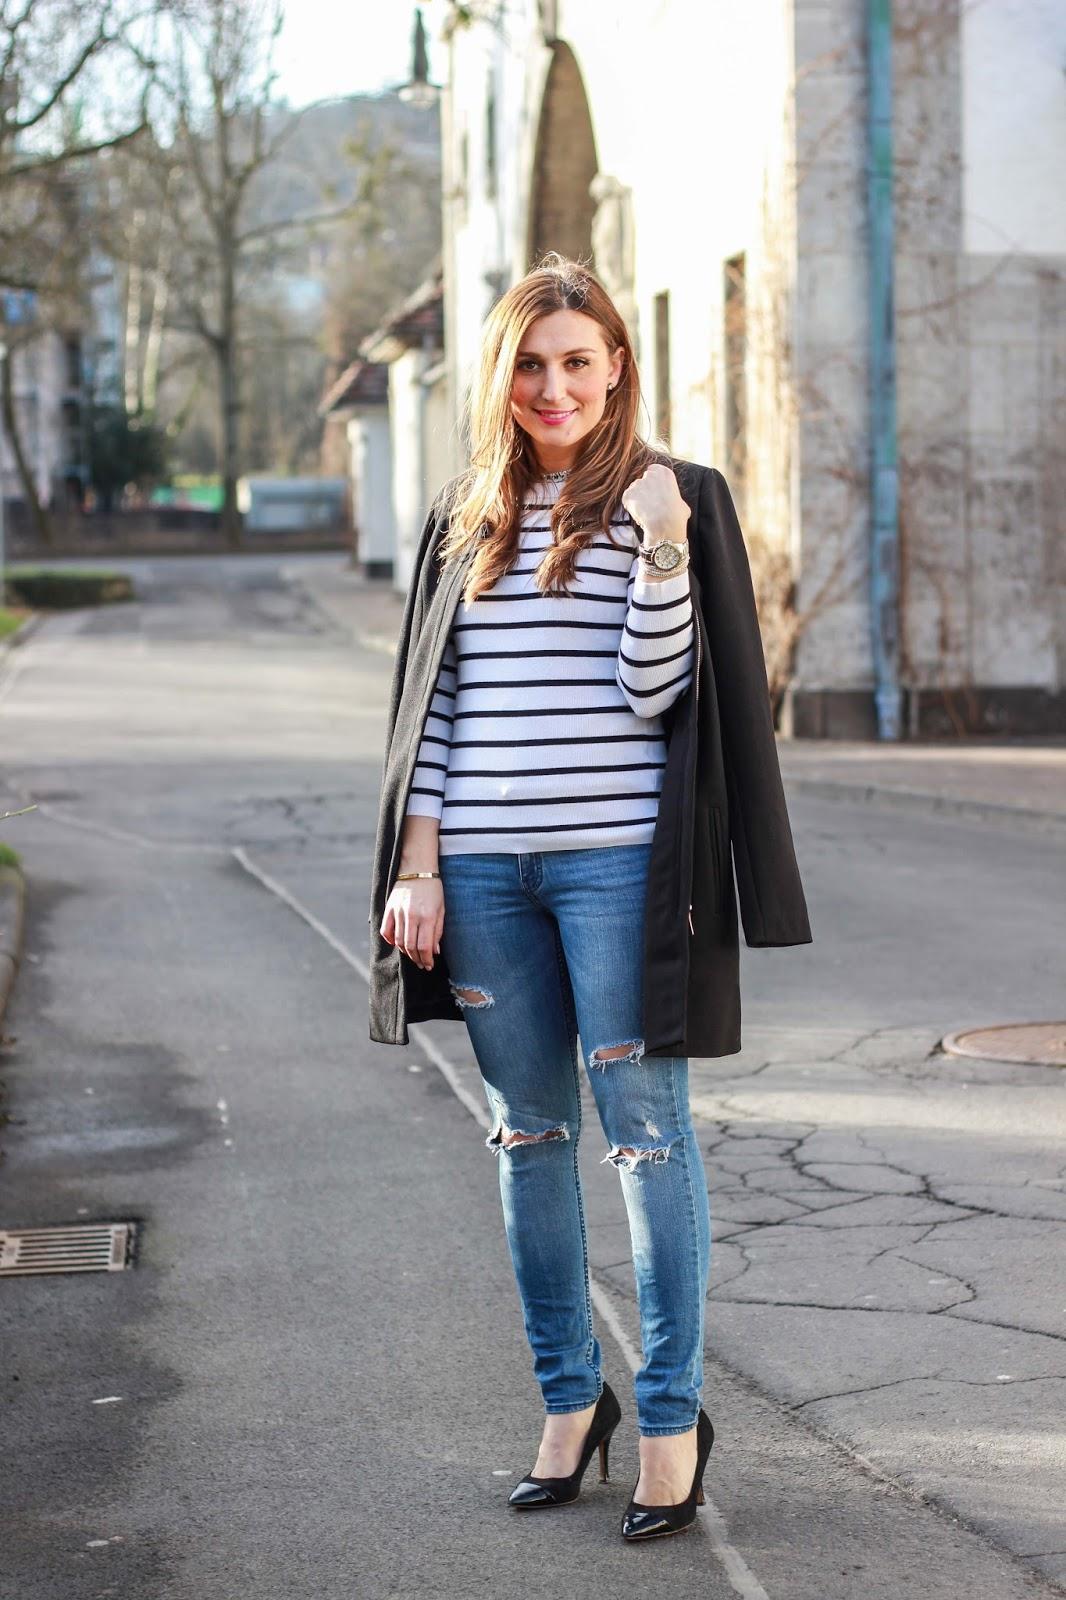 Fashionblogger aus Deutschland - Deutsche Fashionblogger - Schwarz Weiß - Only Hose _ H&M Outfit - Outfitinspiration Fashionblogger - Fashionblog